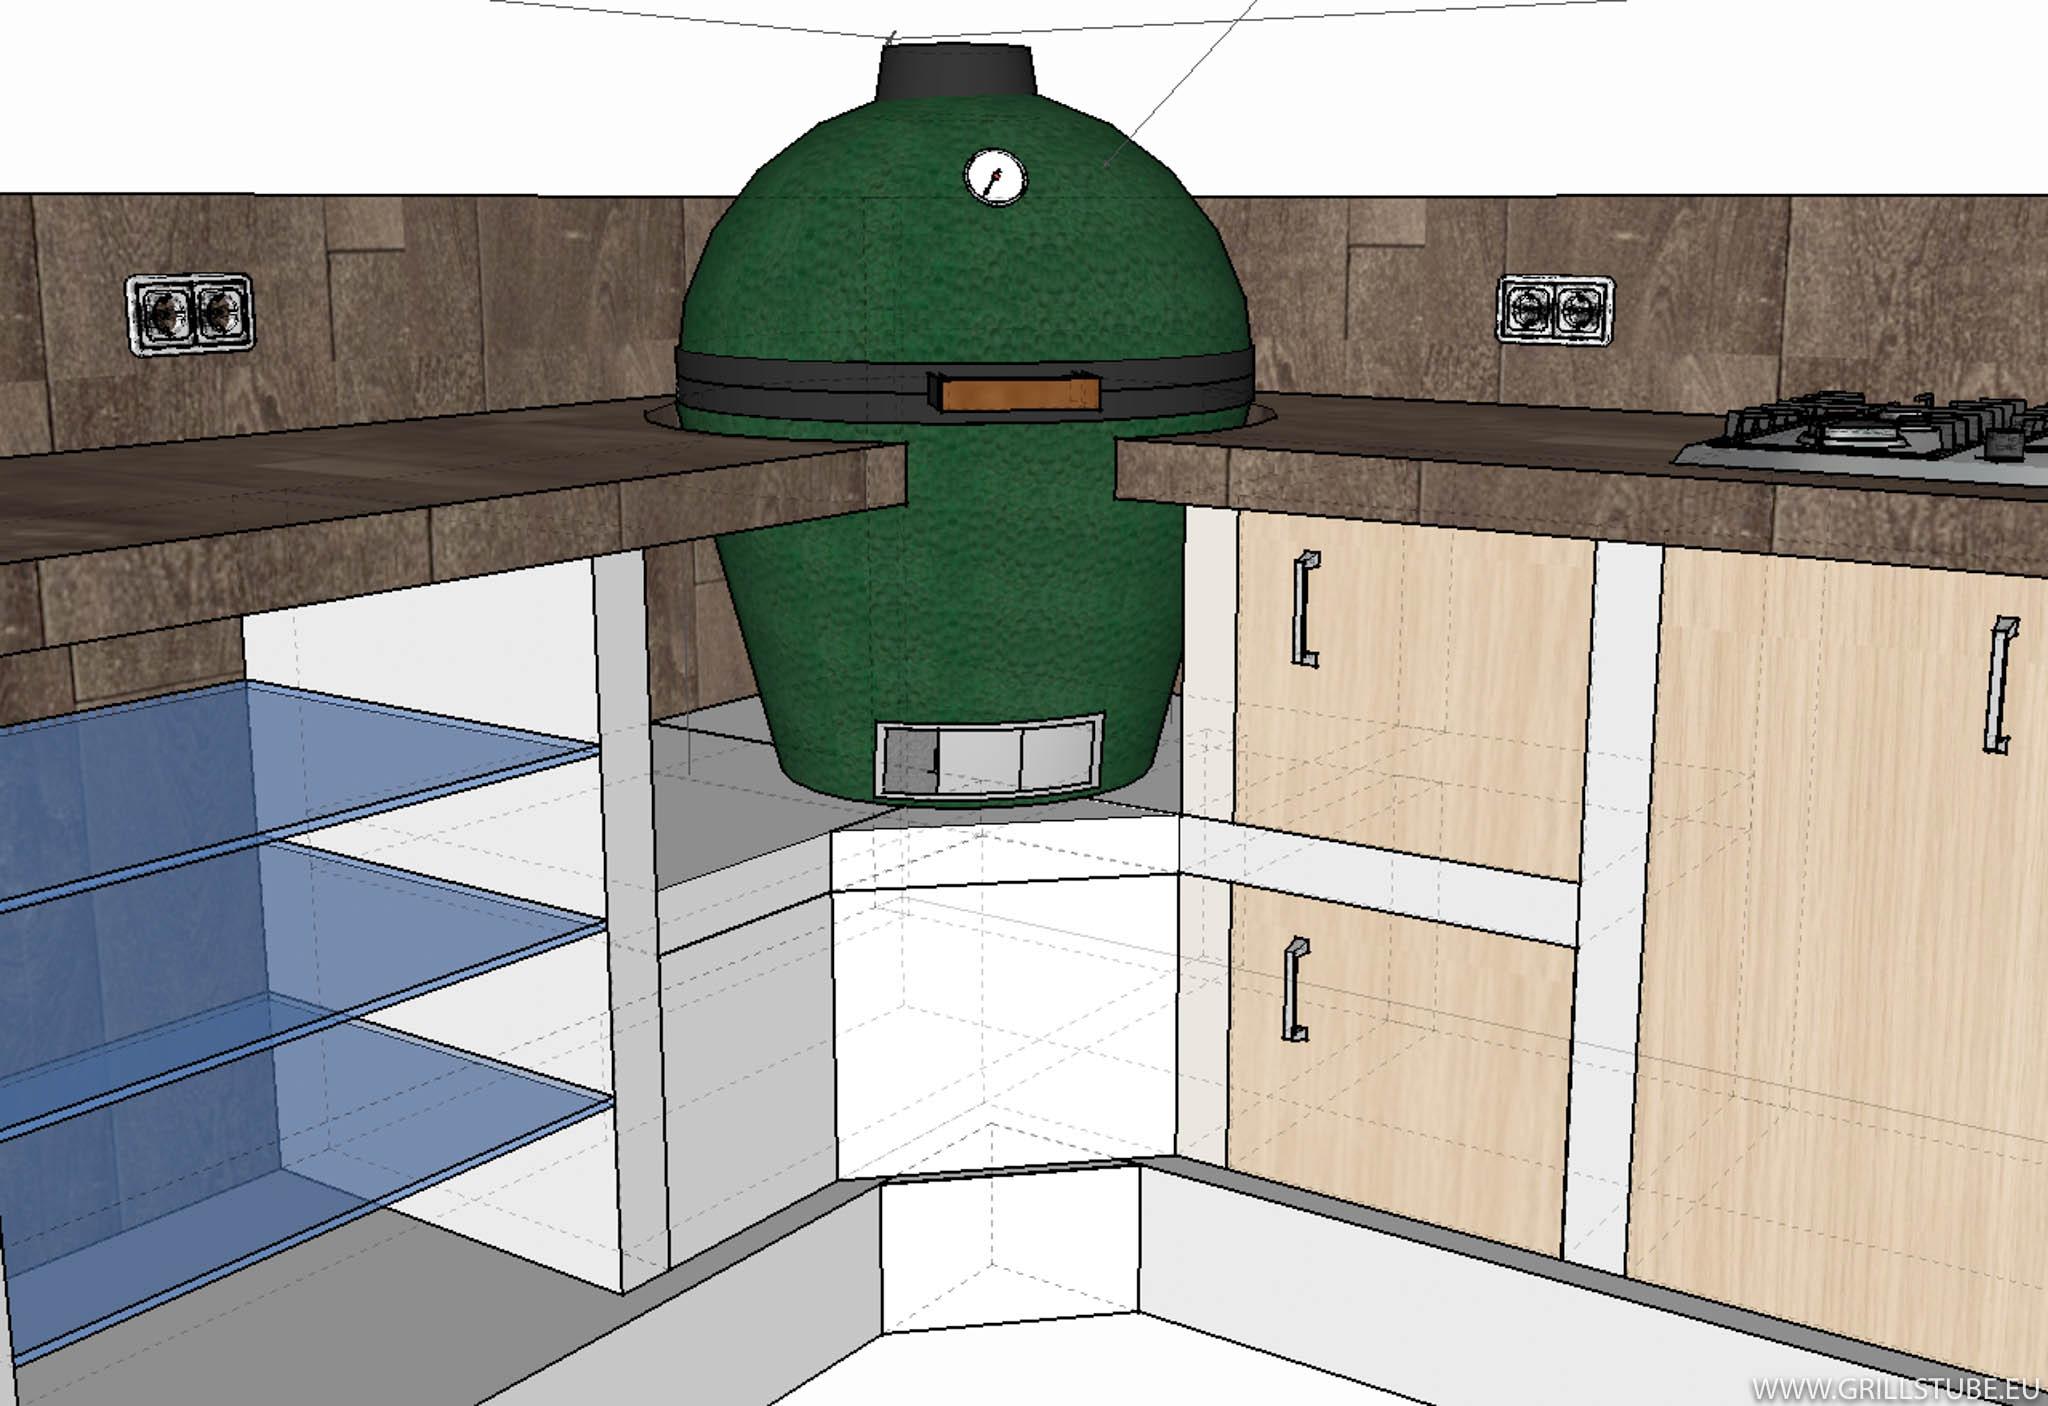 Outdoor Küche Unterbau : Outdoorküche: ende der winterpause materialbeschaffung andys